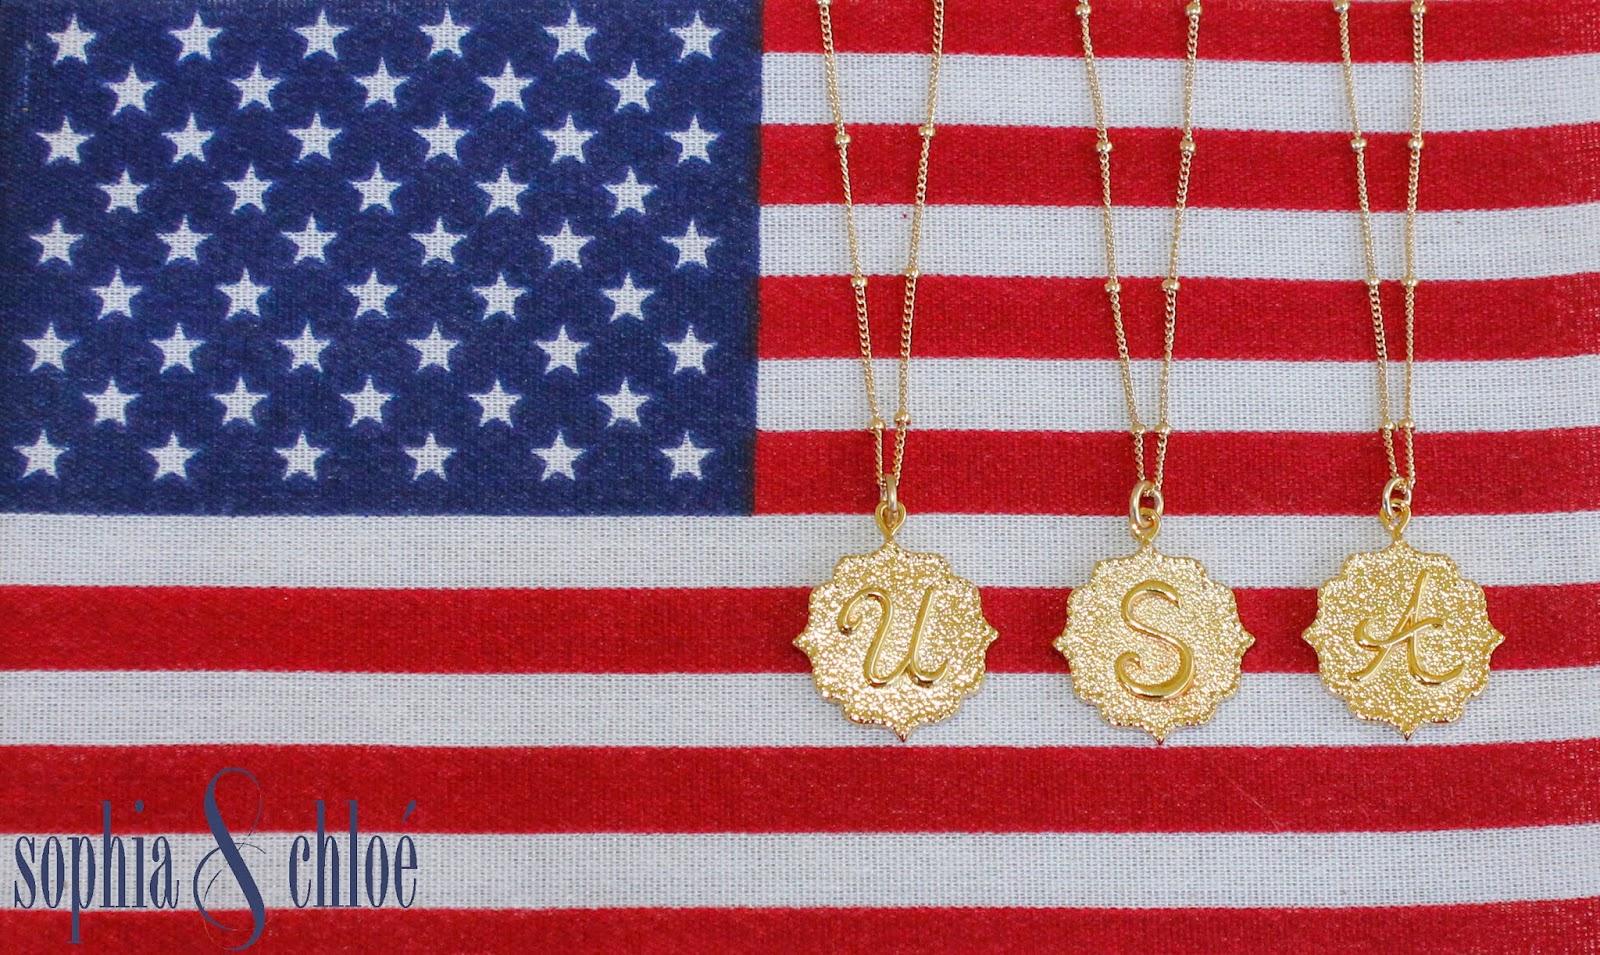 http://sophiaandchloe.com/c-85-initial-jewelry.aspx